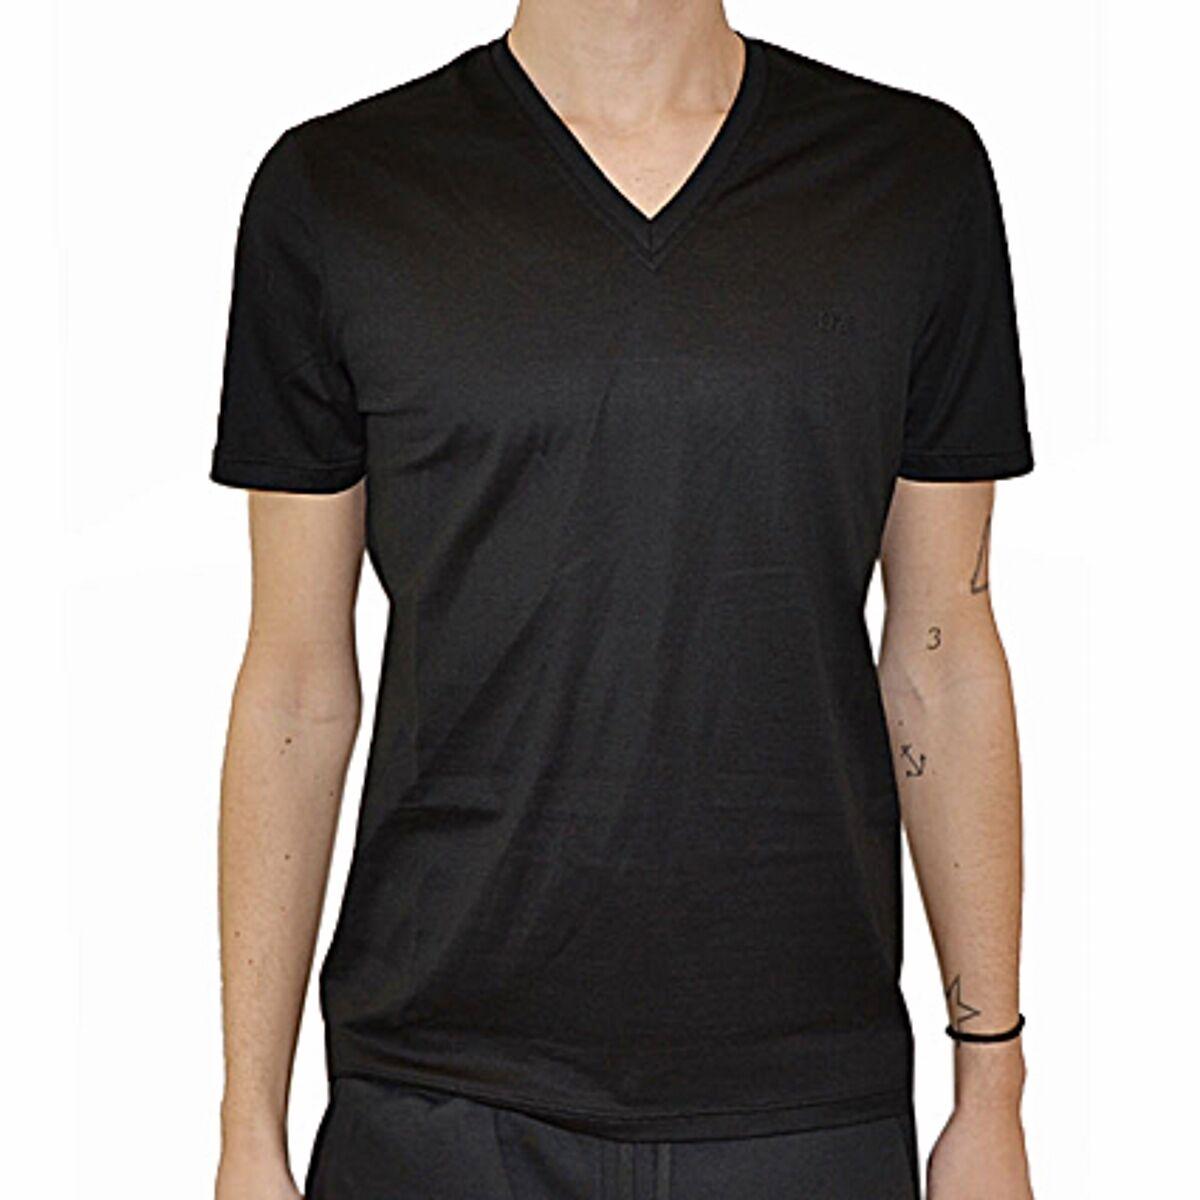 5f5b1b3873 Christian Christian Christian Dior T-shirt V filoscozia, Scottish ...